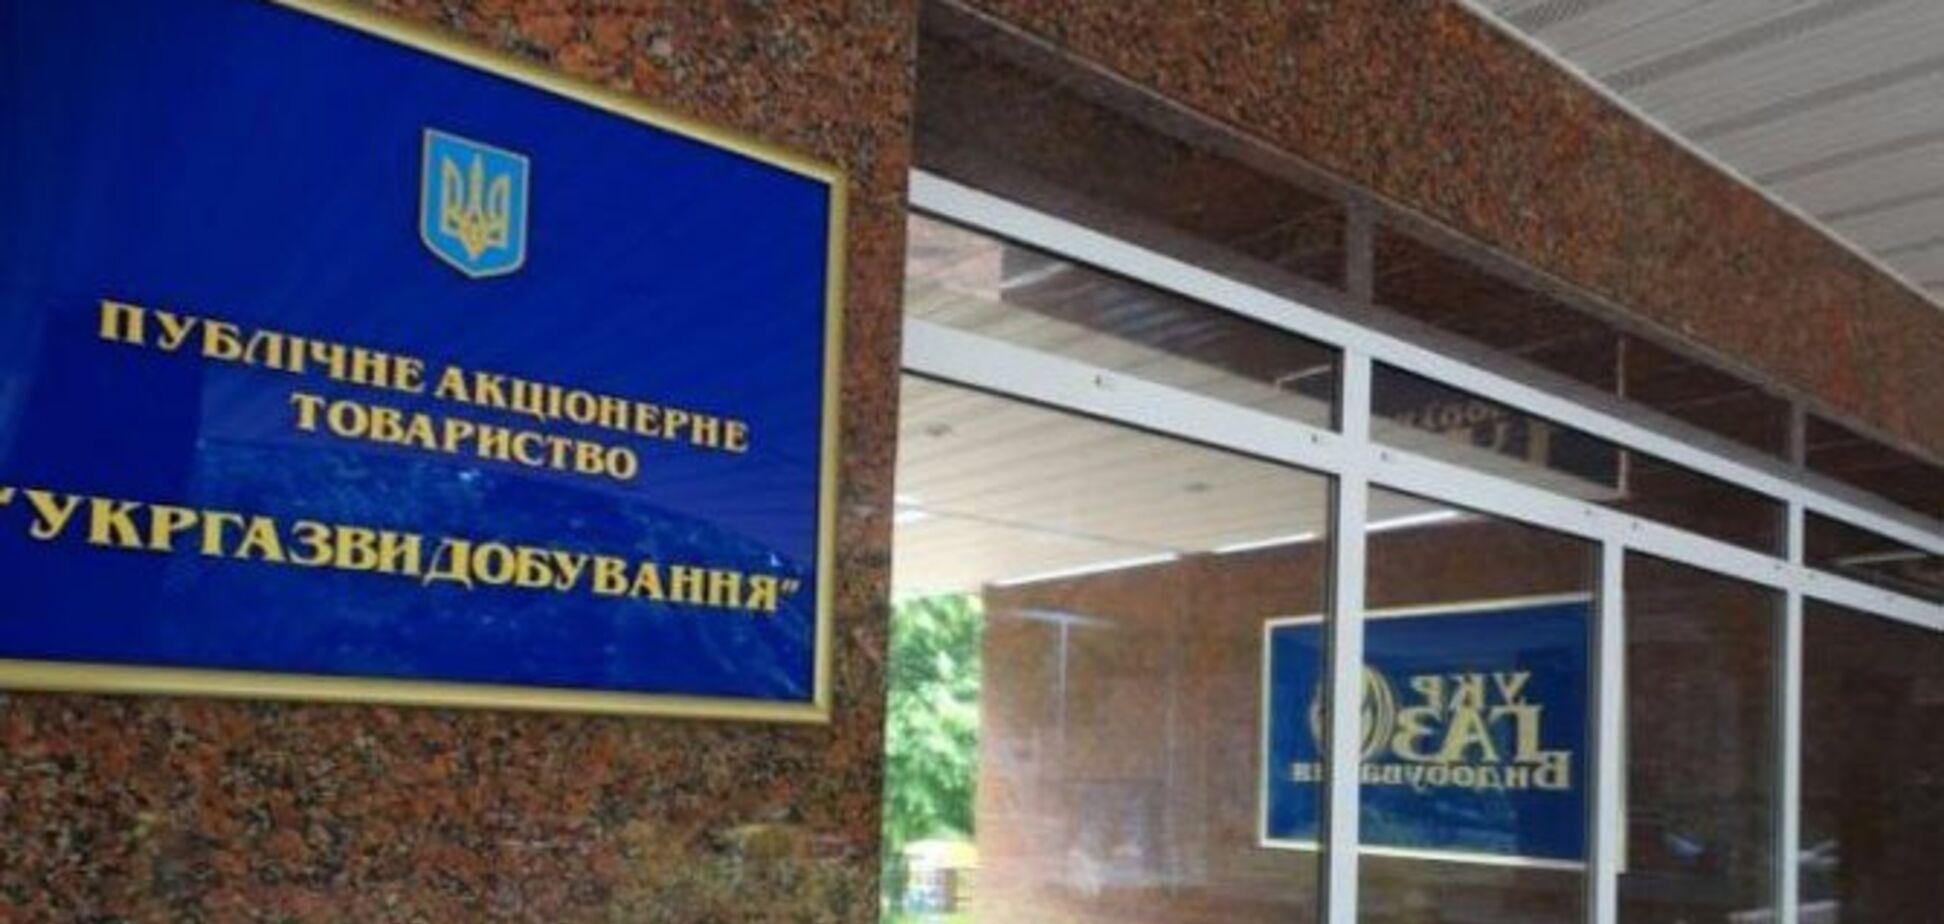 Всі рахунки 'Укргазвидобування' заарештовано: в чому причина